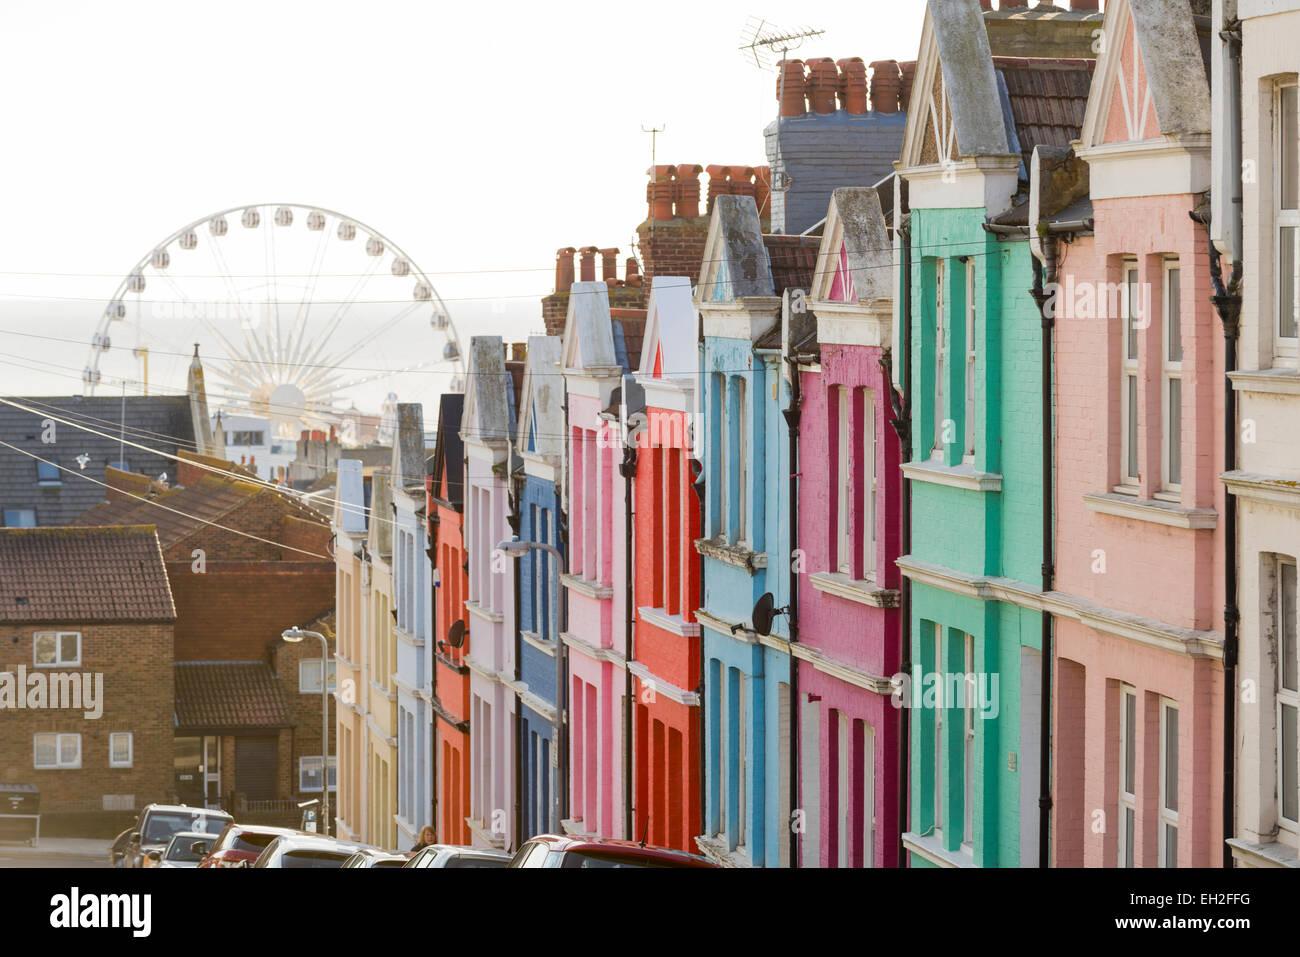 Rangée de maisons mitoyennes peint coloré à Brighton, East Sussex, Angleterre, Royaume-Uni. Photo Stock